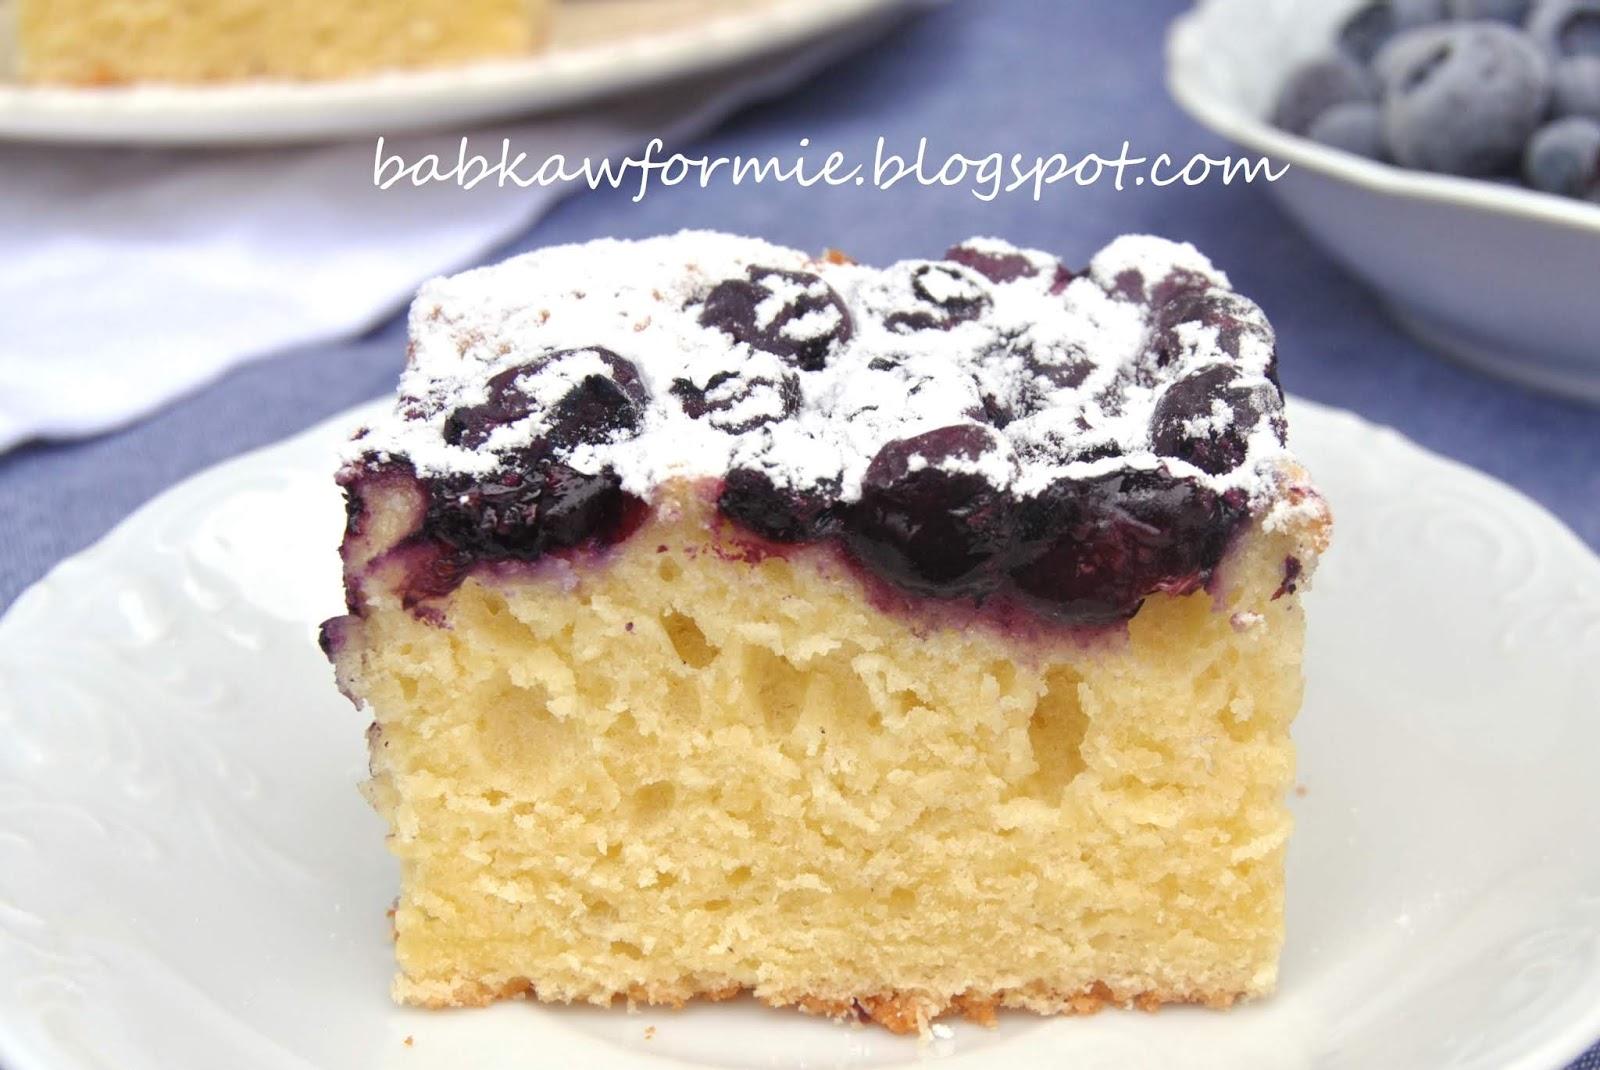 ciasto ucierane z twarogiem i borówkami babkawformie.blogspot.com